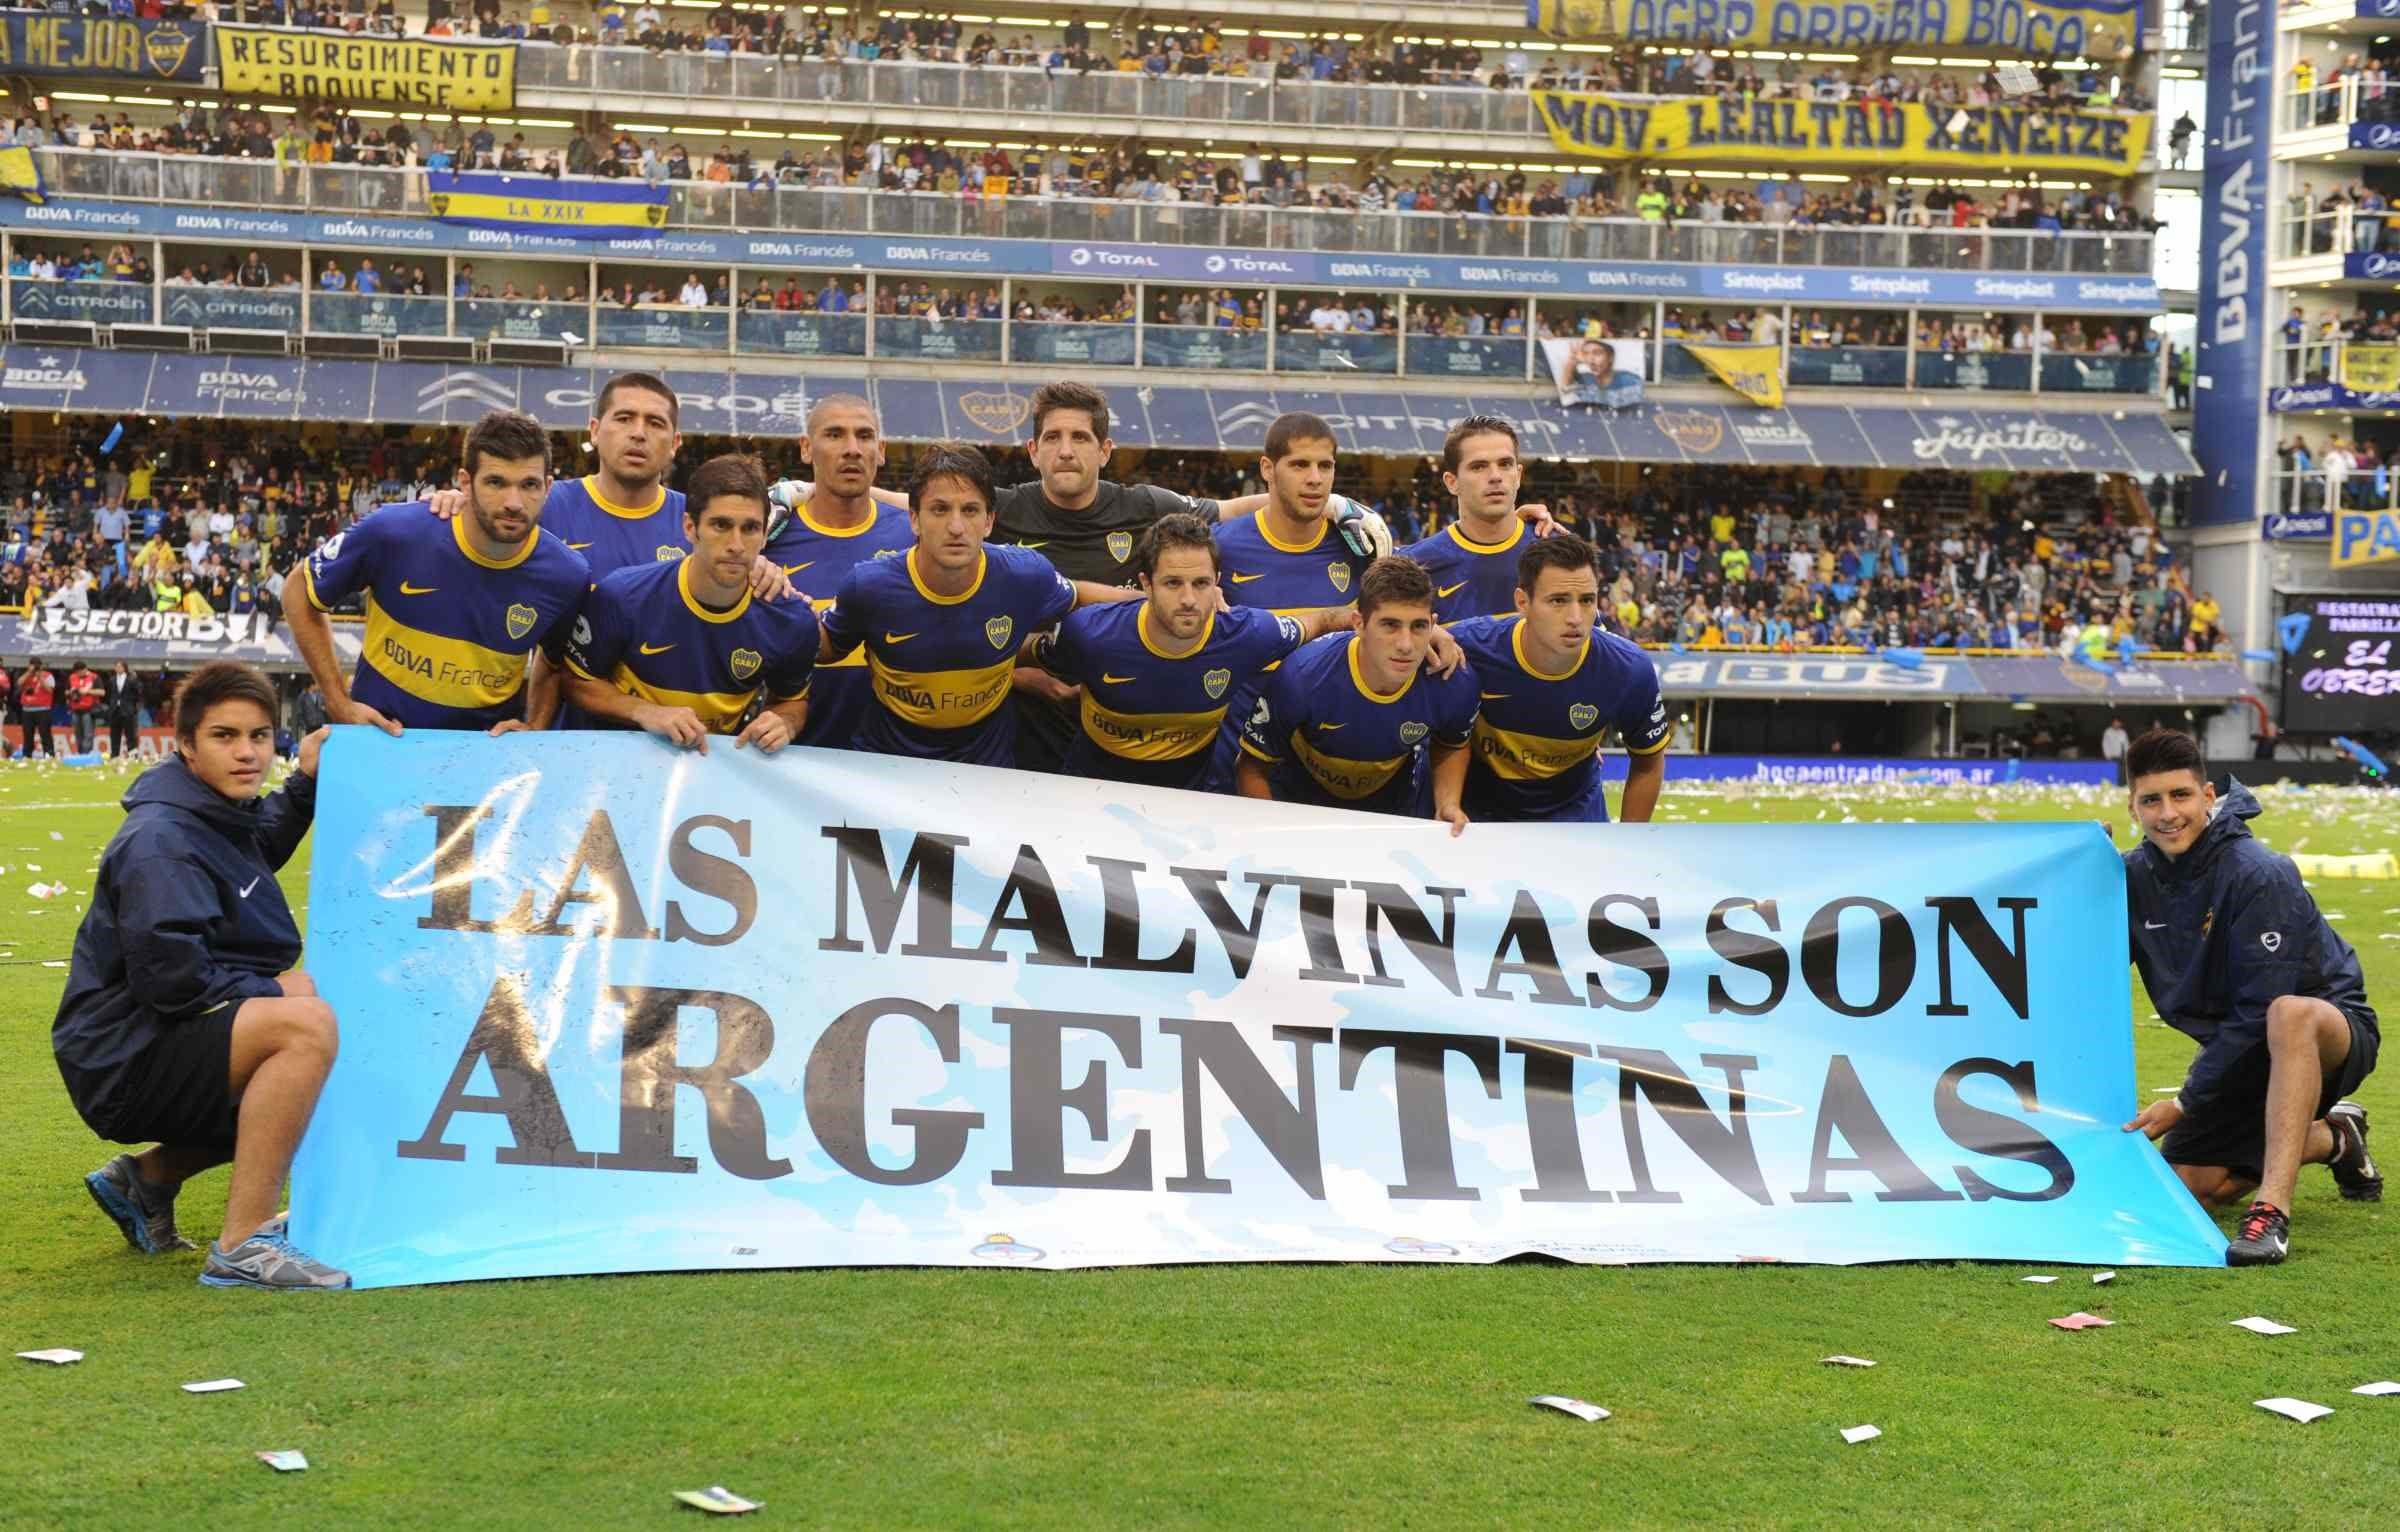 ארגנטינה תטיל סנקציות נגד חברה ישראלית לחיפושי נפט בגלל פעילותה באיי מלווינאס